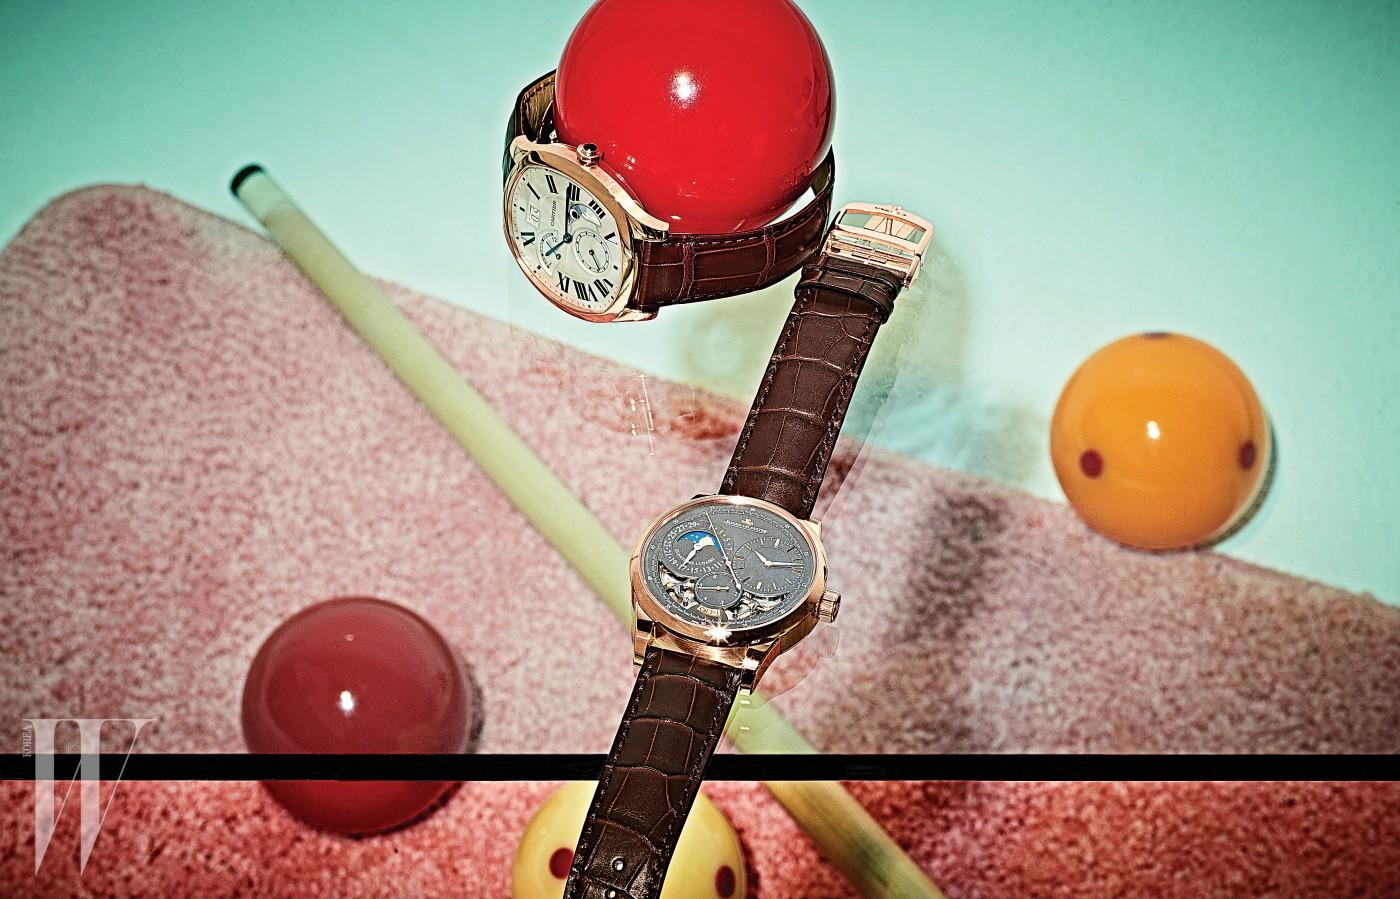 왼쪽 | 감각적인 스타일을 갖춘 세련된 라인의 쿠션형 워치로 까르띠에 매뉴팩처 오토매틱 와인딩 머캐니컬 무브먼트를 장착한 드라이브 드 까르띠에 컴플리케이션 워치는 까르띠에(Cartier) 제품. 오른쪽 | 문페이즈와 듀얼 윙 시스템을 장착, 놀라운 정밀도를 갖춘 우아한 디자인의 듀오미터 퀀템 루너 부티크 에디션 워치는 예거 르쿨트르(Jaeger LeCoultre) 제품.